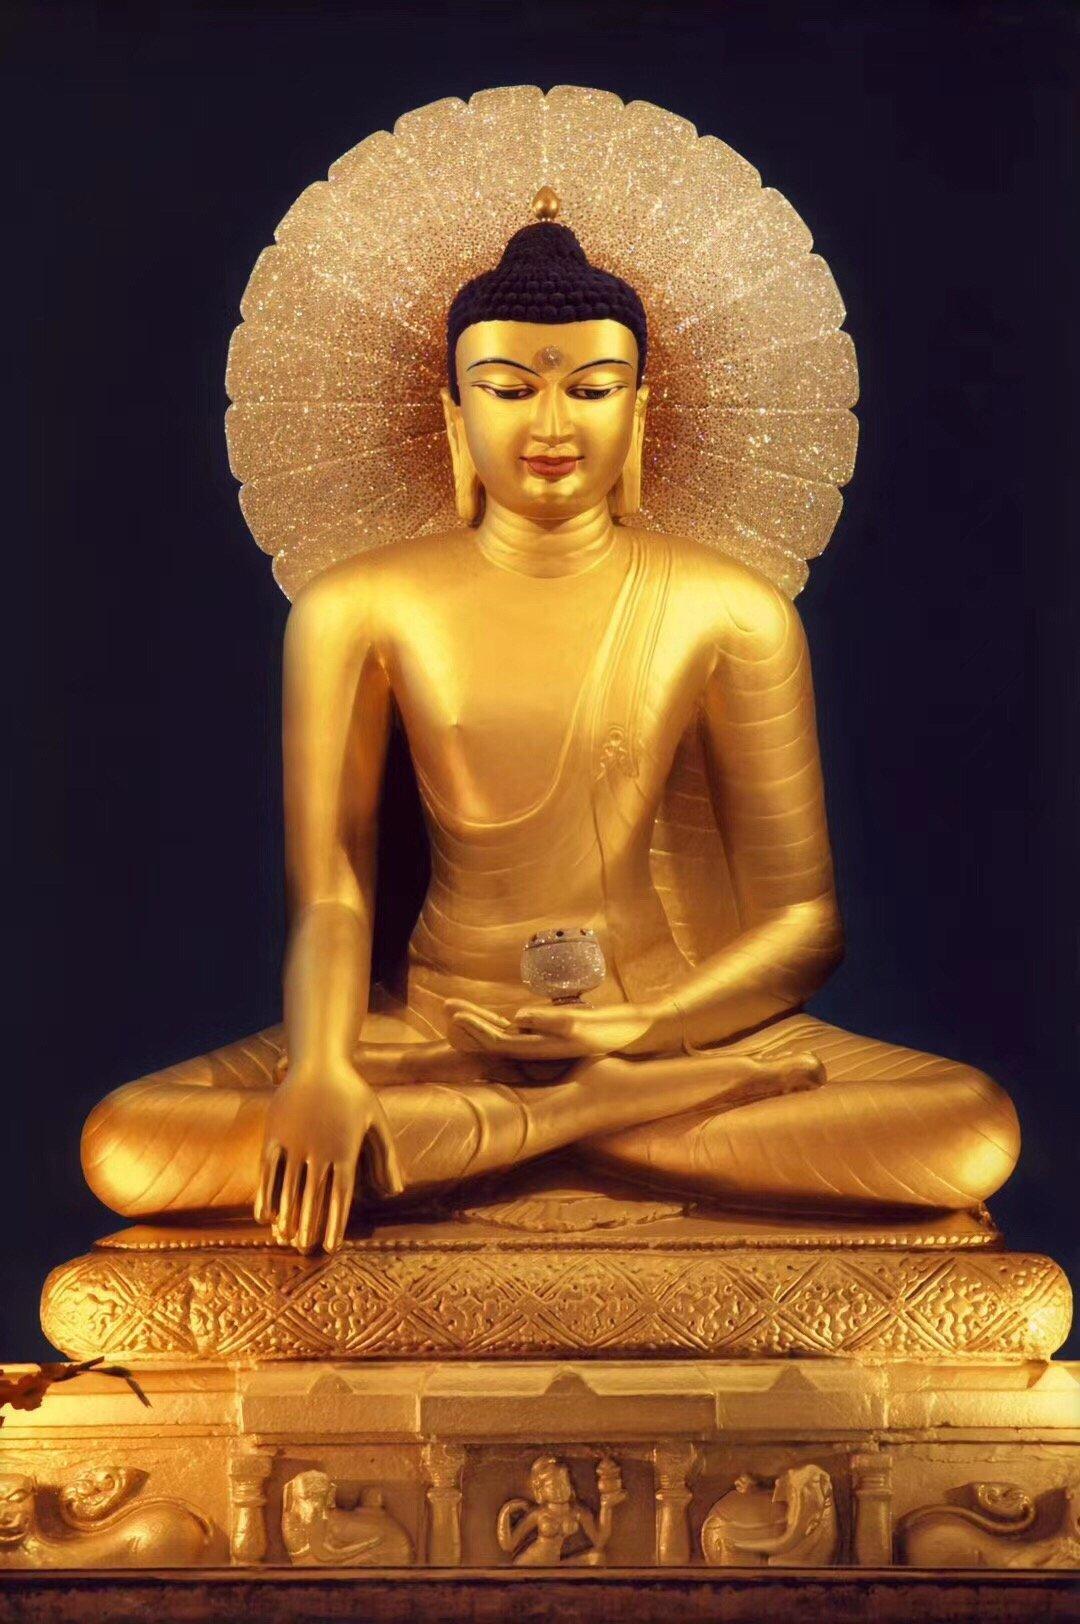 今天是5月29日,藏历四月初七,释迦牟尼佛的圣诞日